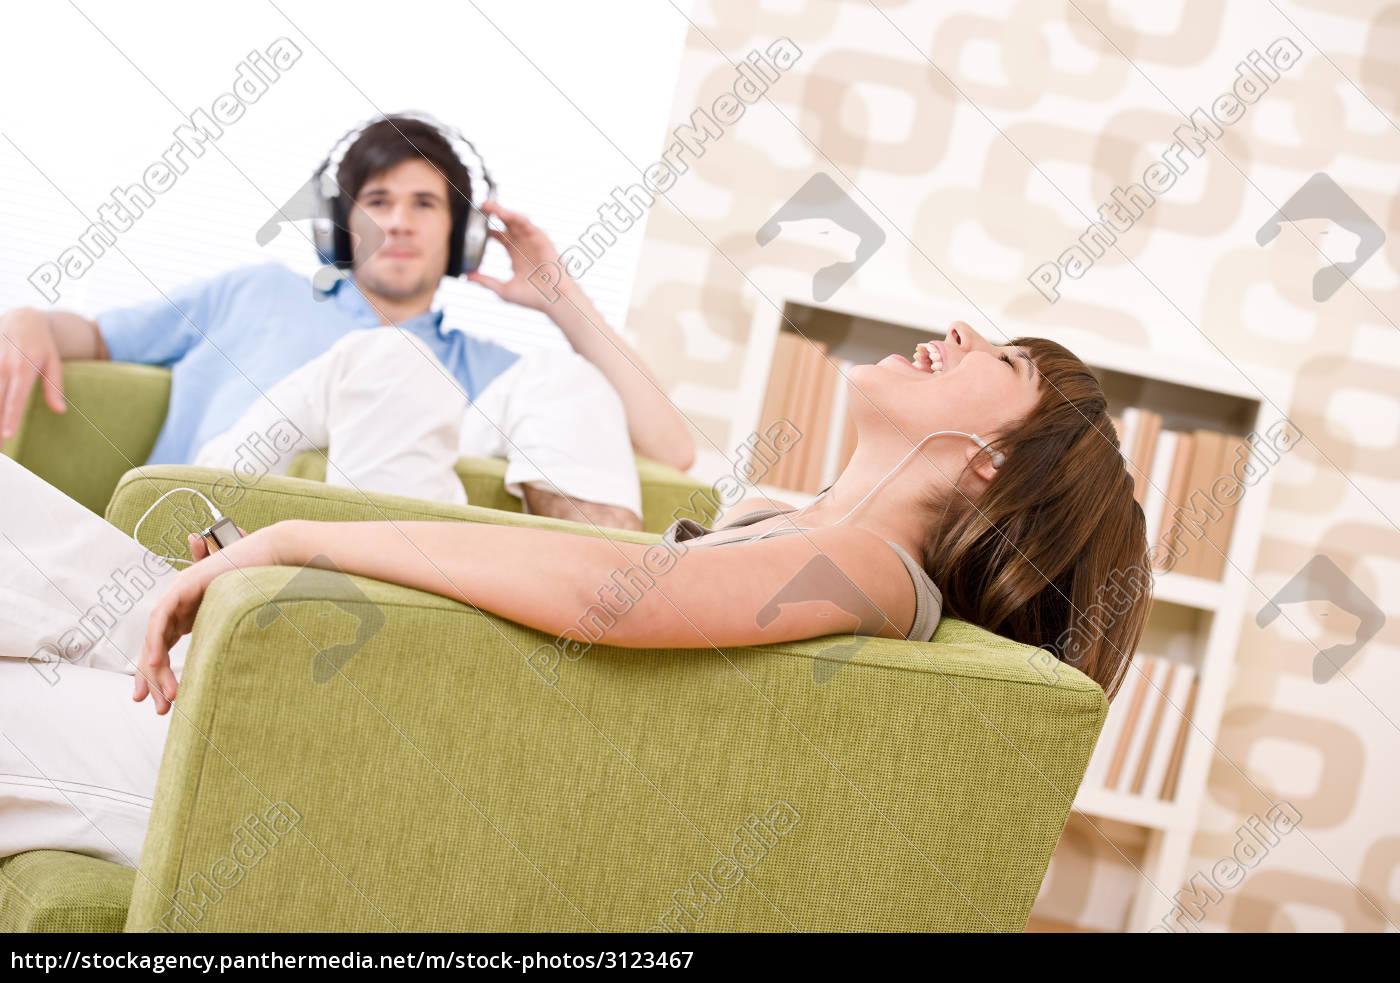 study, music, earphones, headphones, teenager, student - 3123467